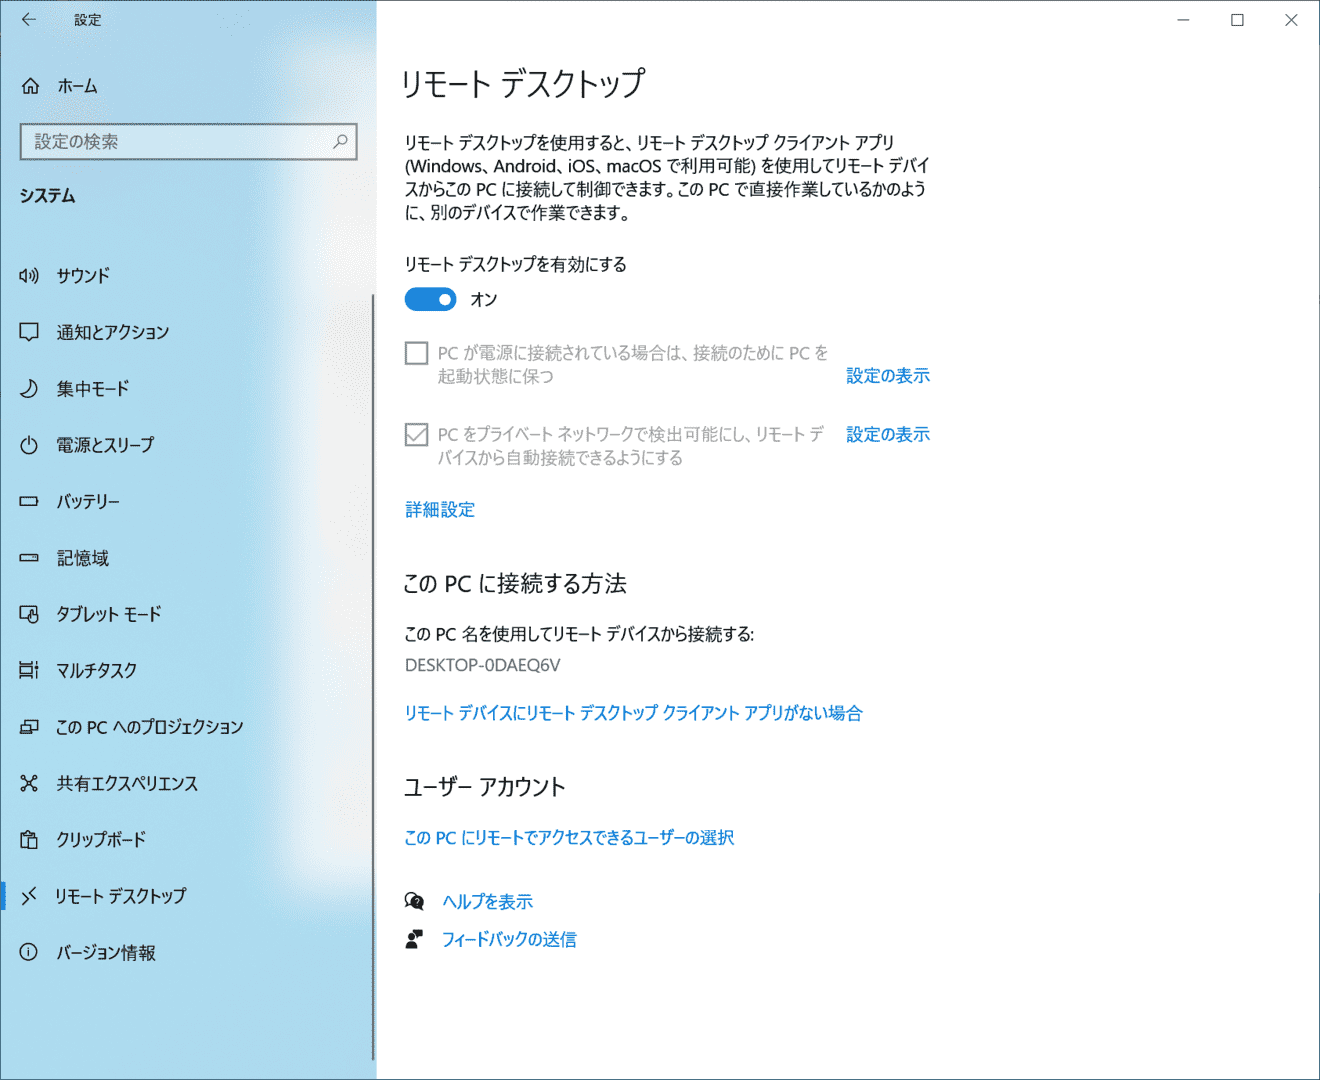 リモートデスクトップ接続設定の完了